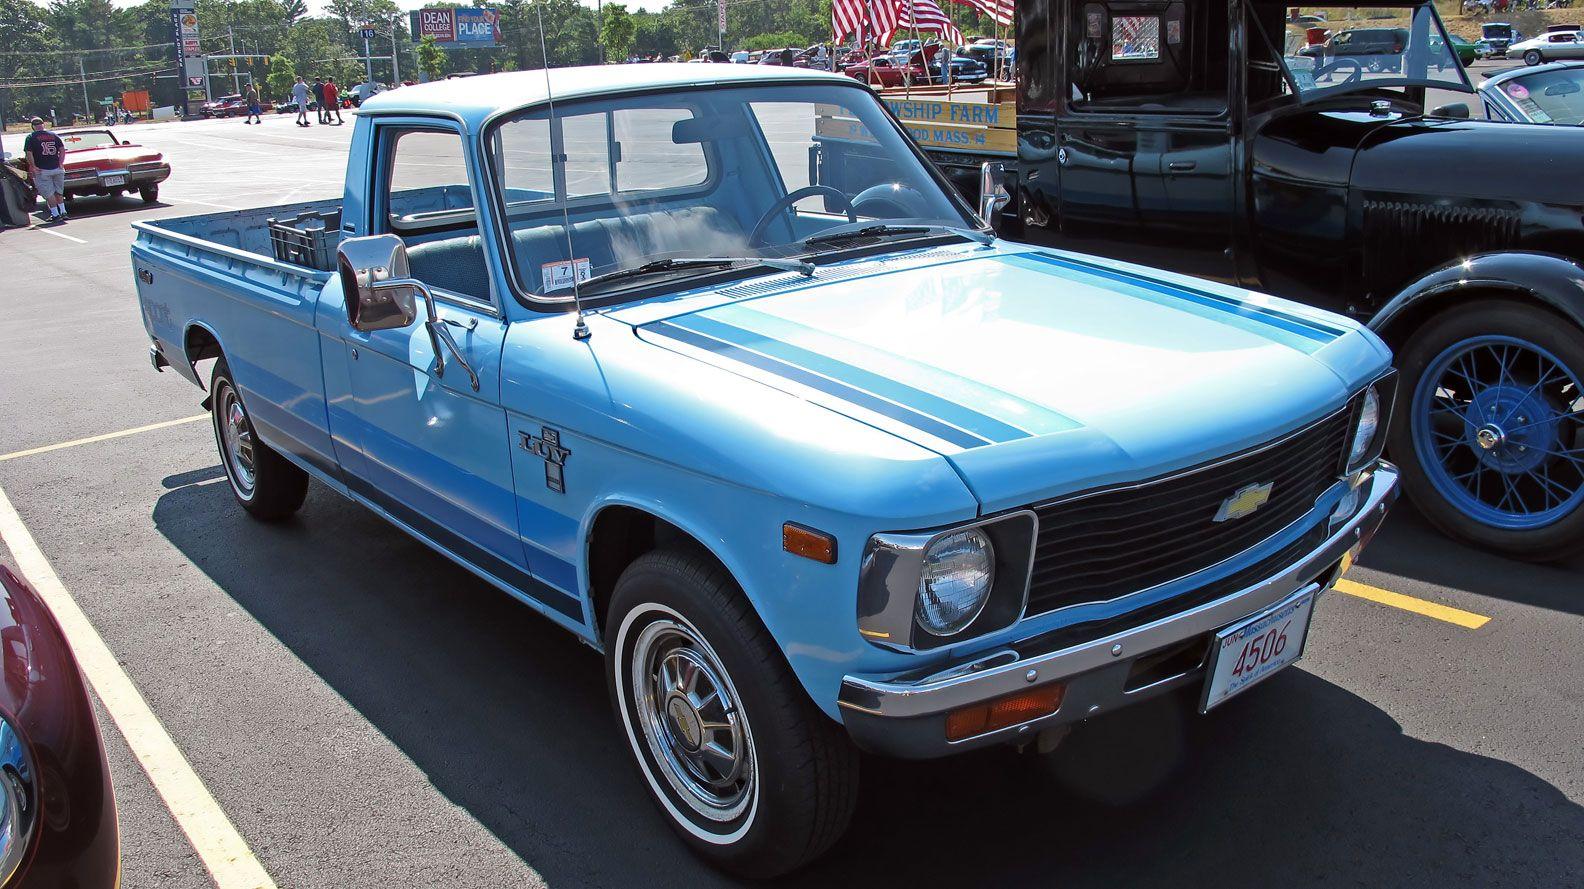 1980 Chevy Luv pickup | Chevrolet pickup | Pinterest | Chevrolet ...